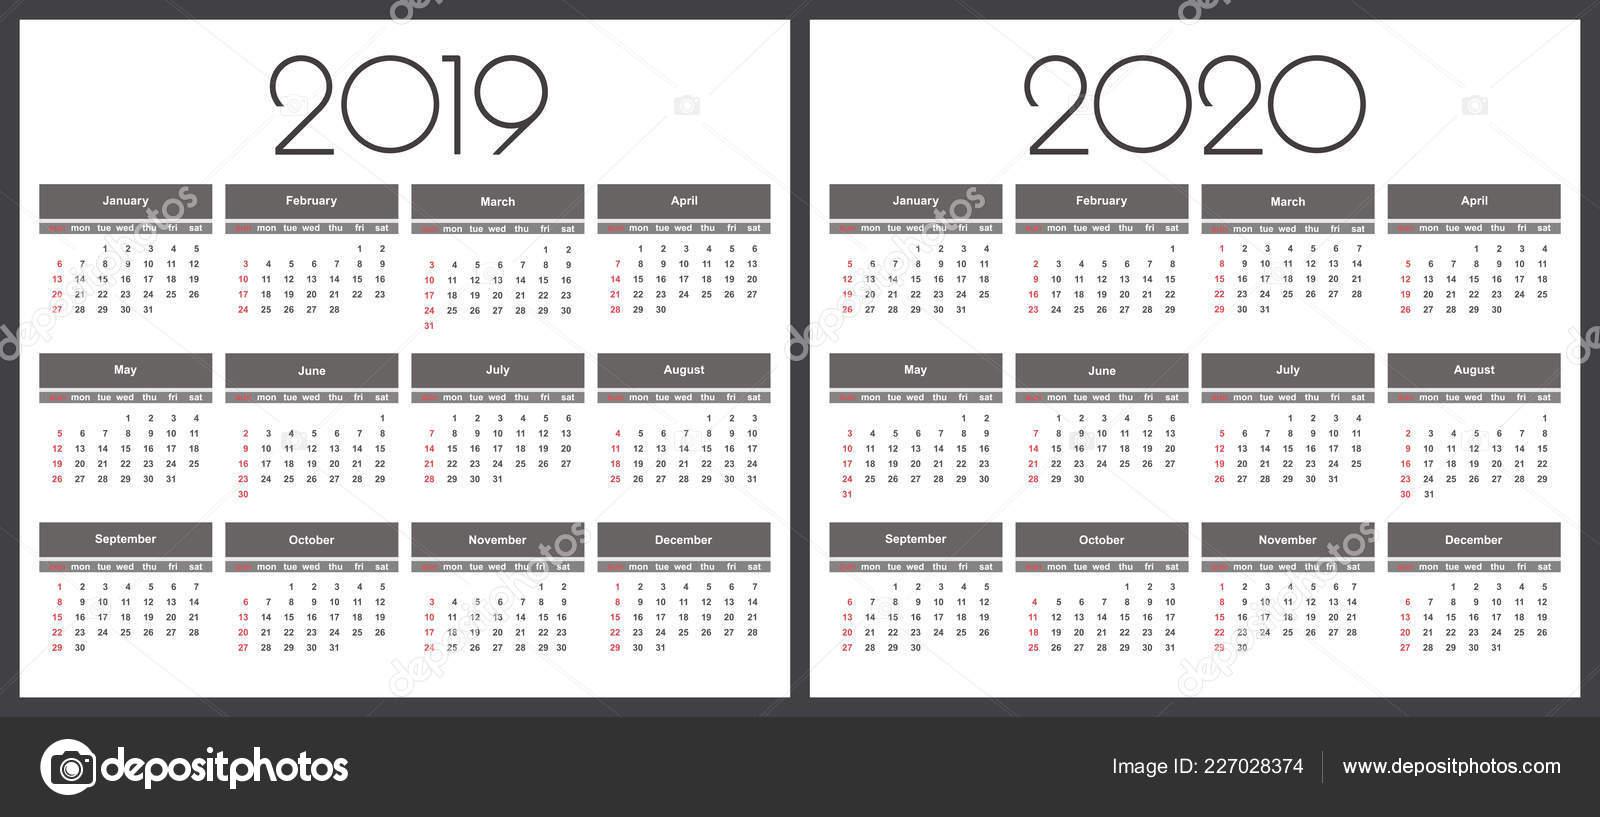 Calendario 2020 Com Feriados.Calendario 2019 Ano 2020 Modelo Vetor Simples Modelo Design